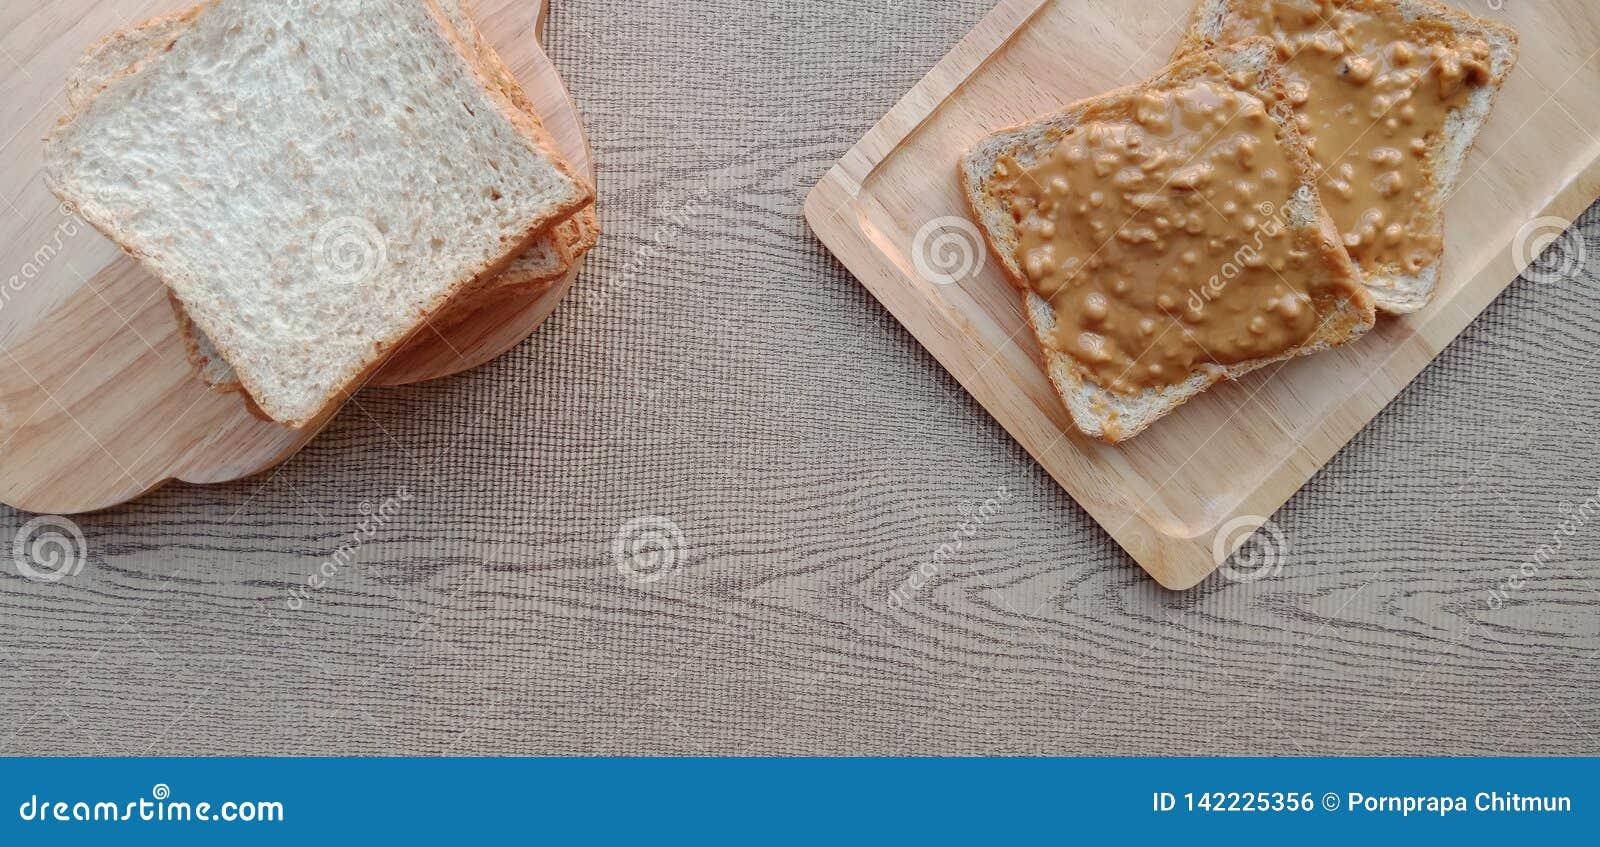 Σωρός ολόκληρου του ψωμιού σίτου και κάποιου φυστικοβουτύρου στην κορυφή